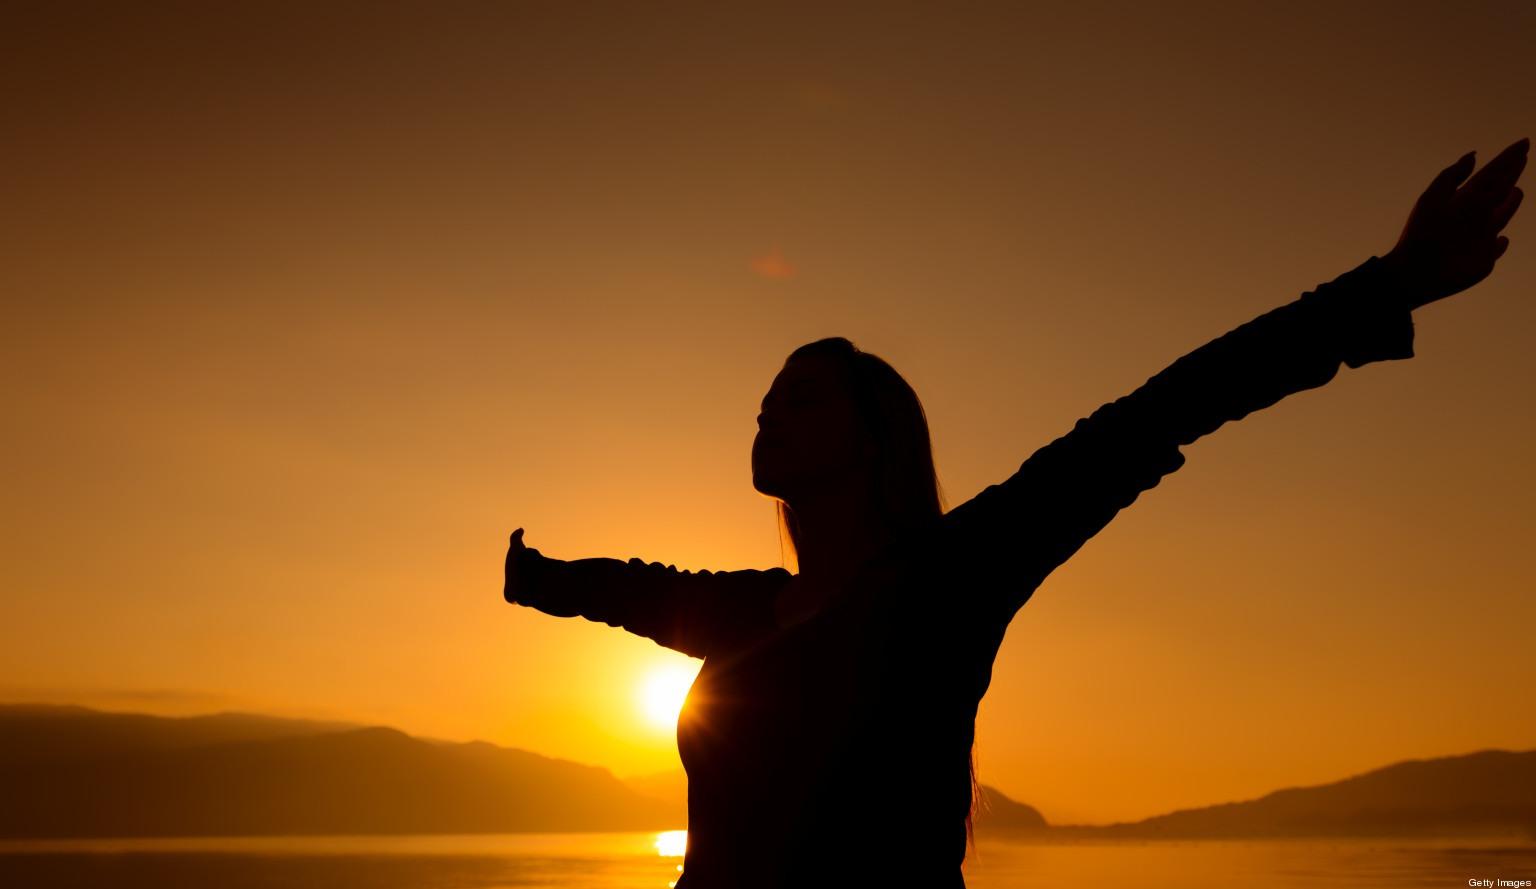 Vemos una mujer que en un lindo atardecer levanta sus brazos feliz